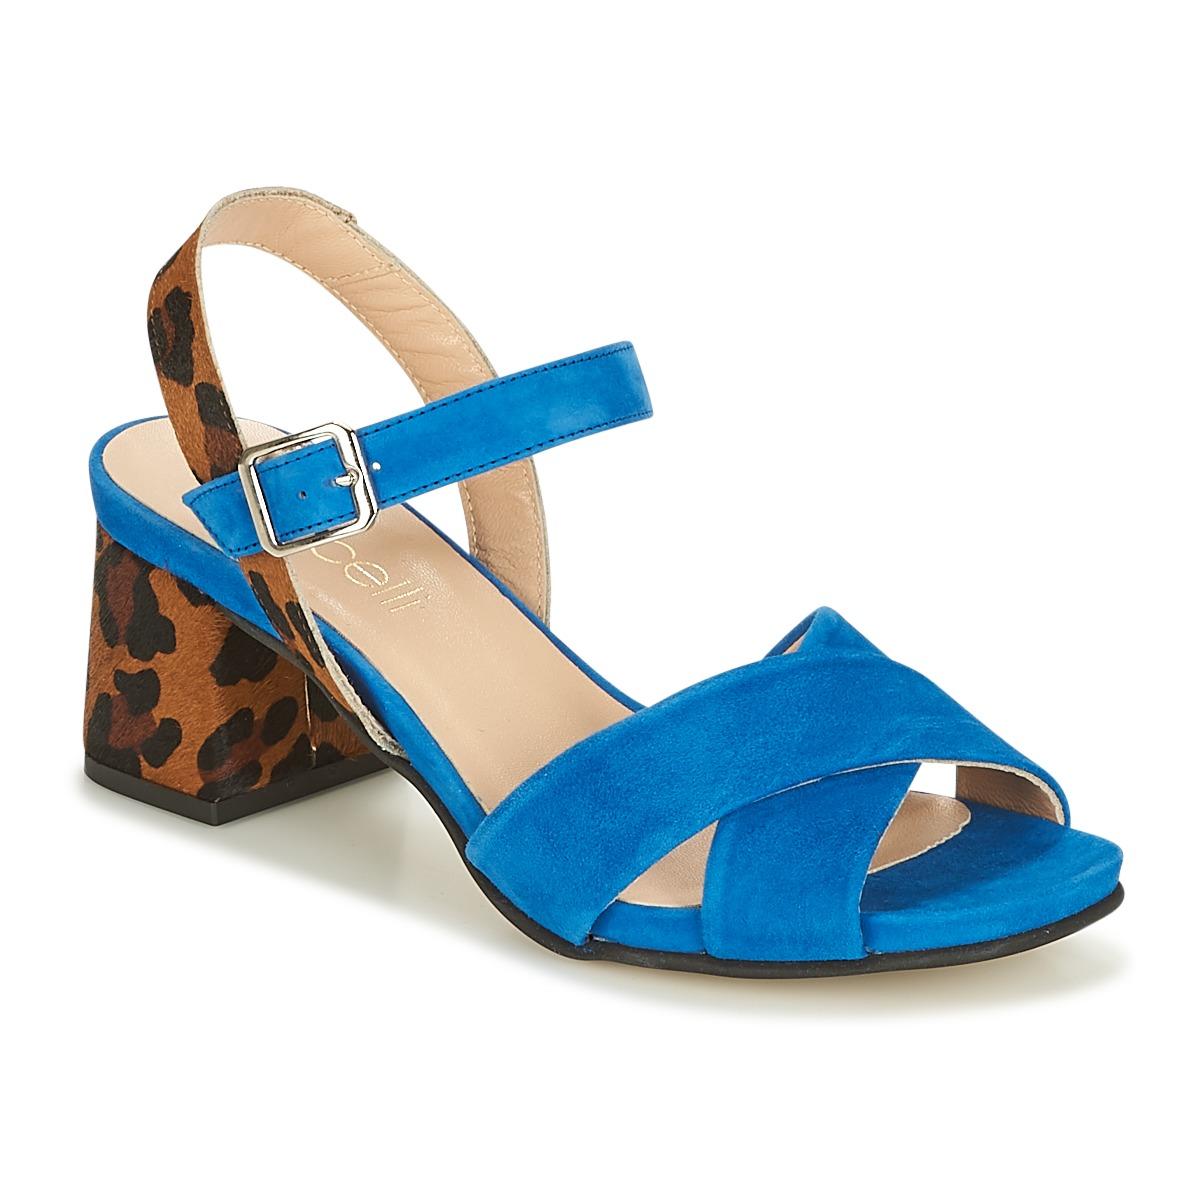 Fericelli IMOLGA Bleu - Livraison Gratuite avec  - Chaussures Sandale Femme